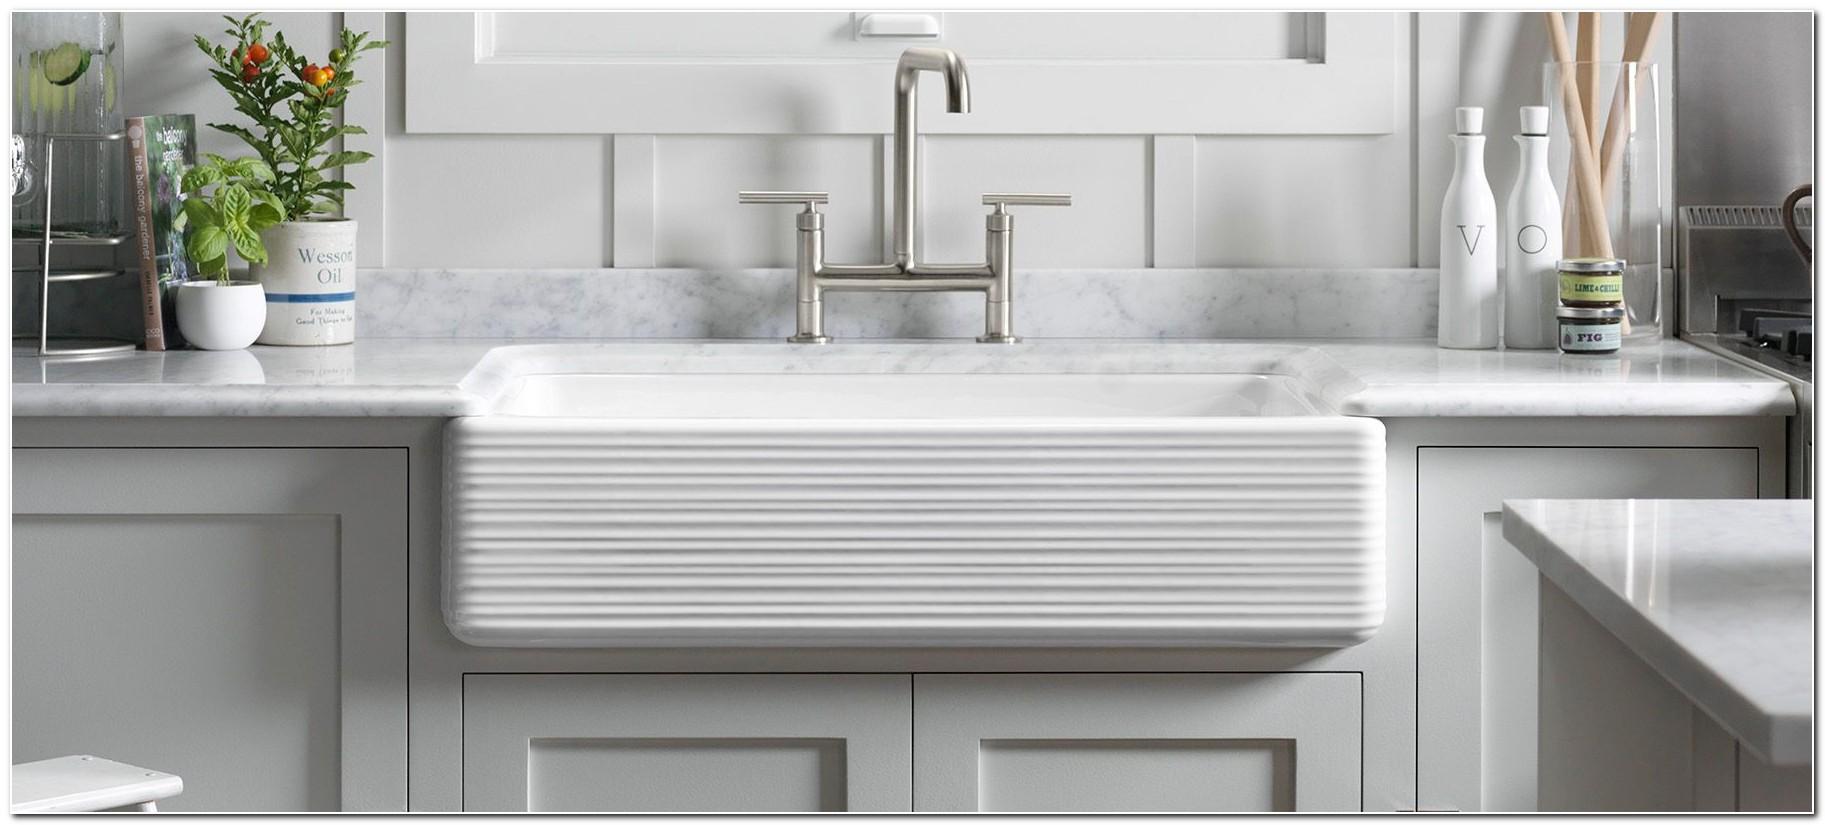 Farm Sinks For Kitchens Kohler